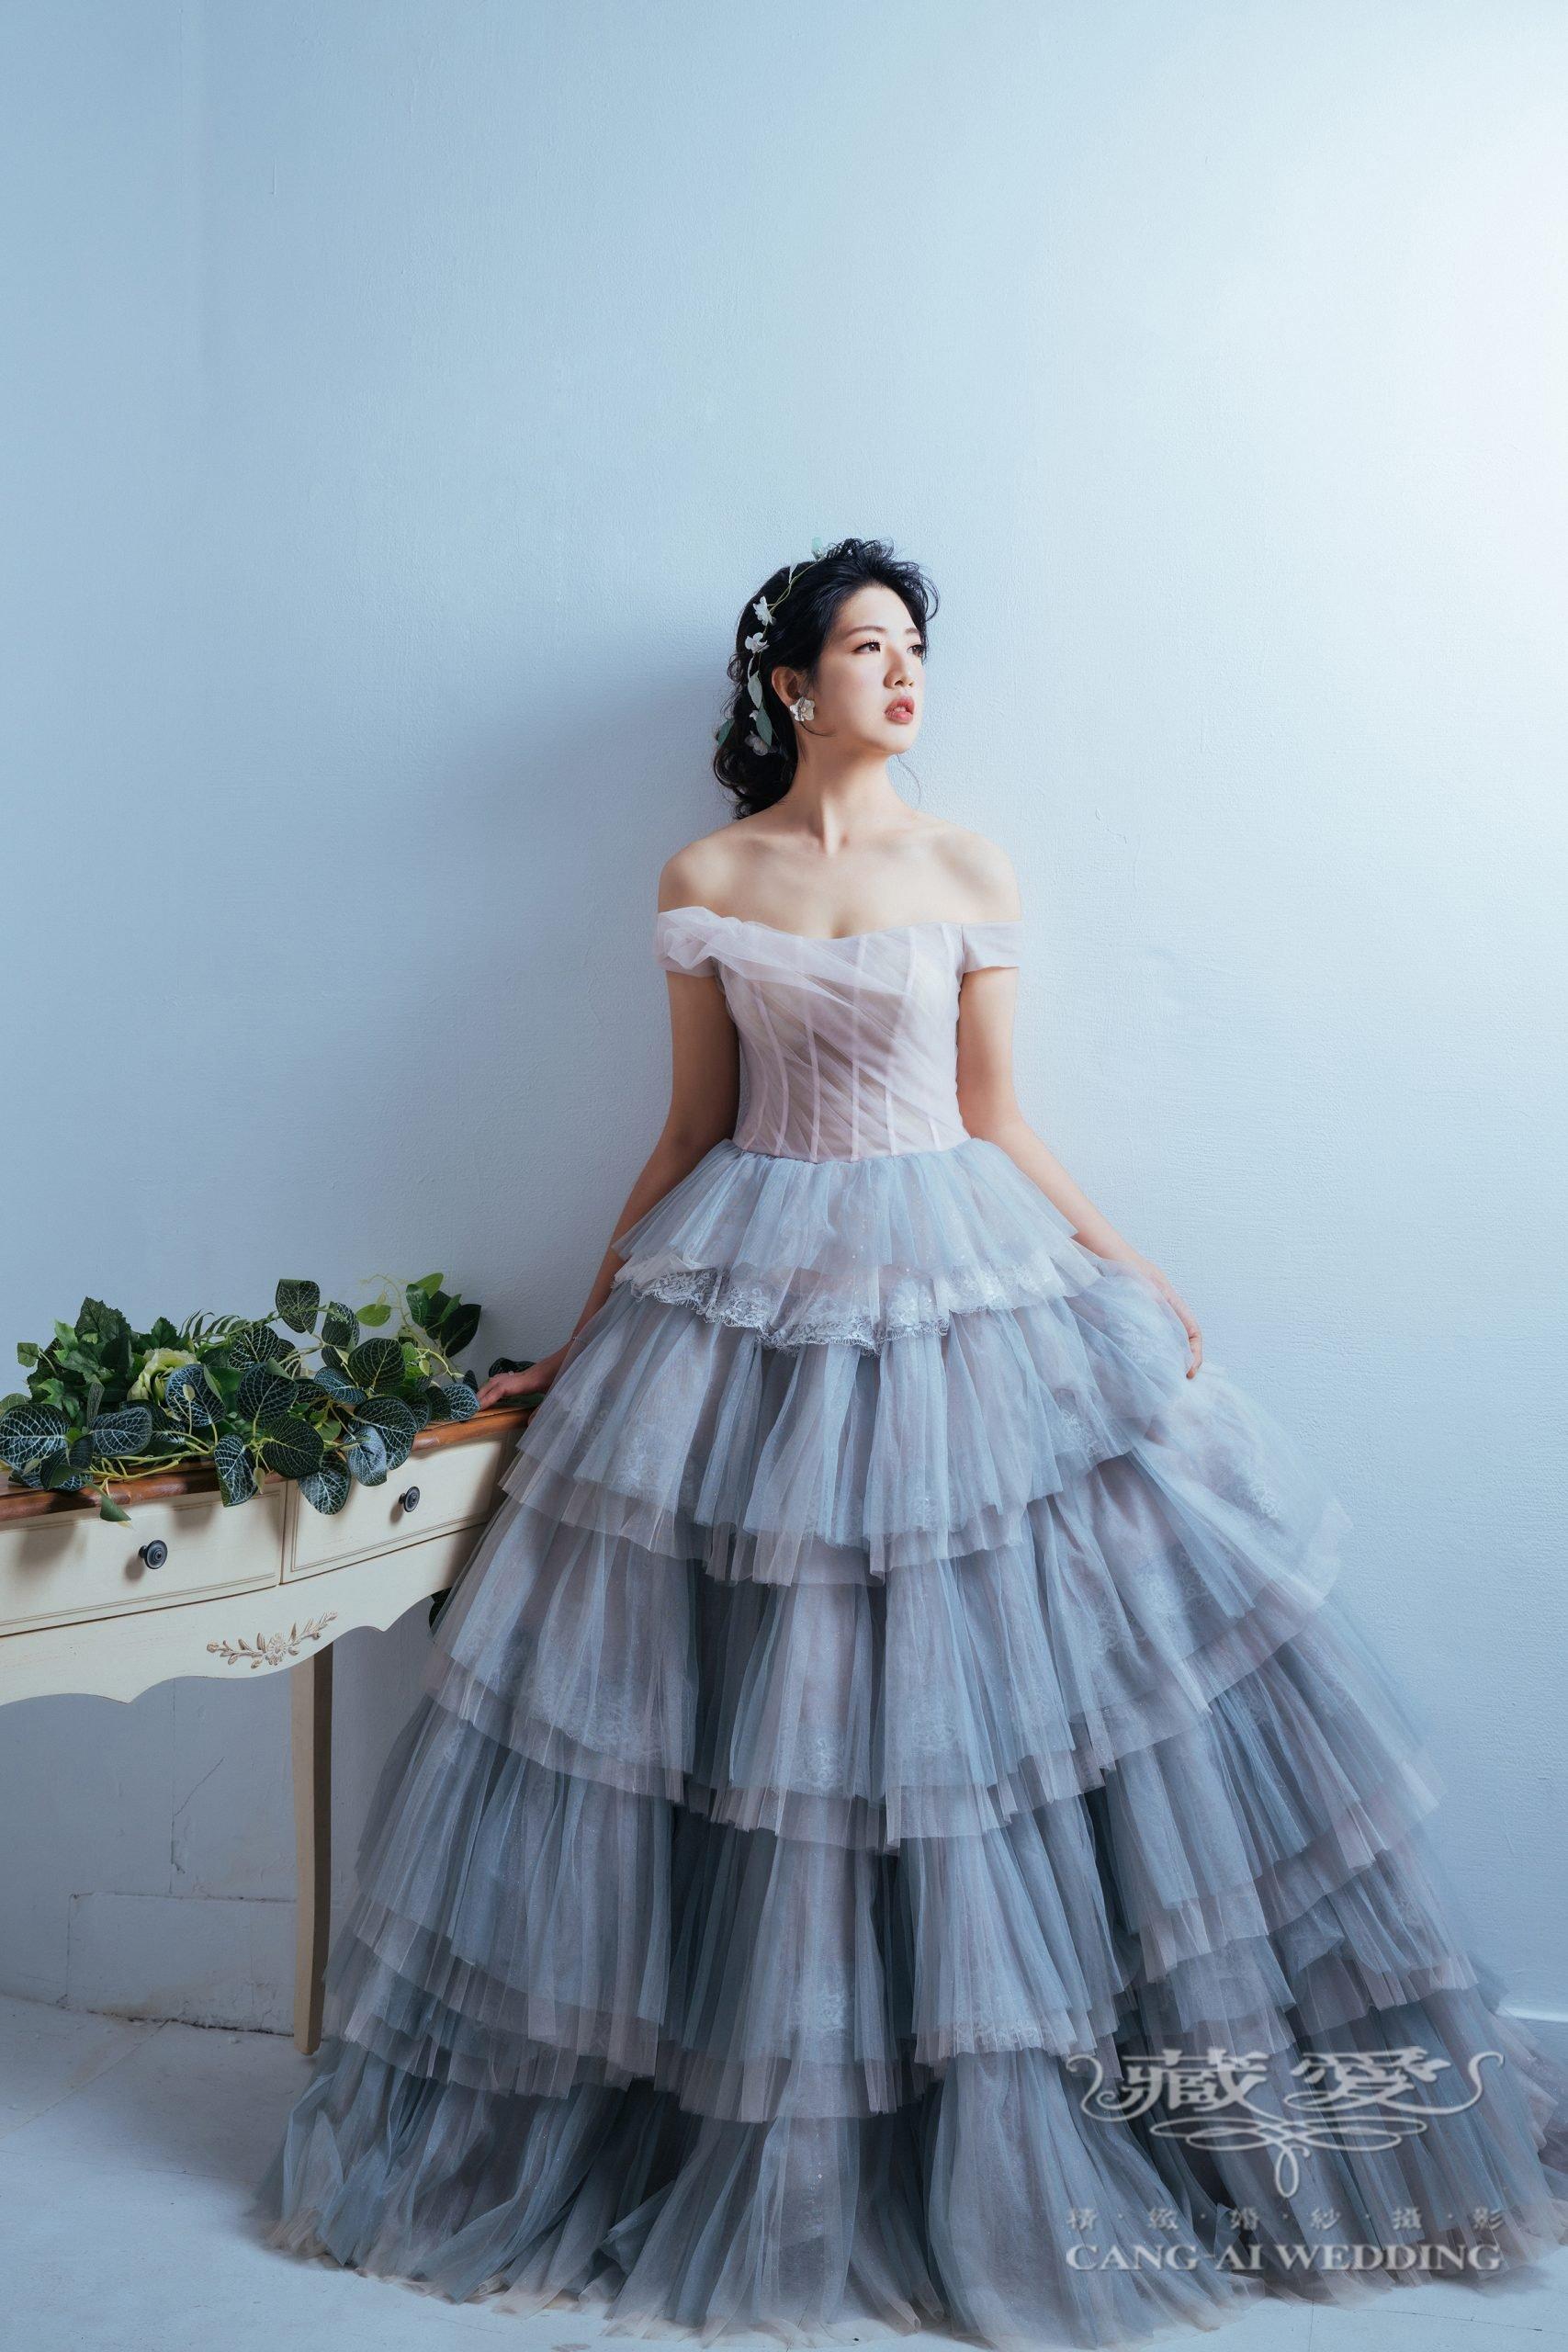 最新款禮服,2021年初晚禮服流行兩大元素!